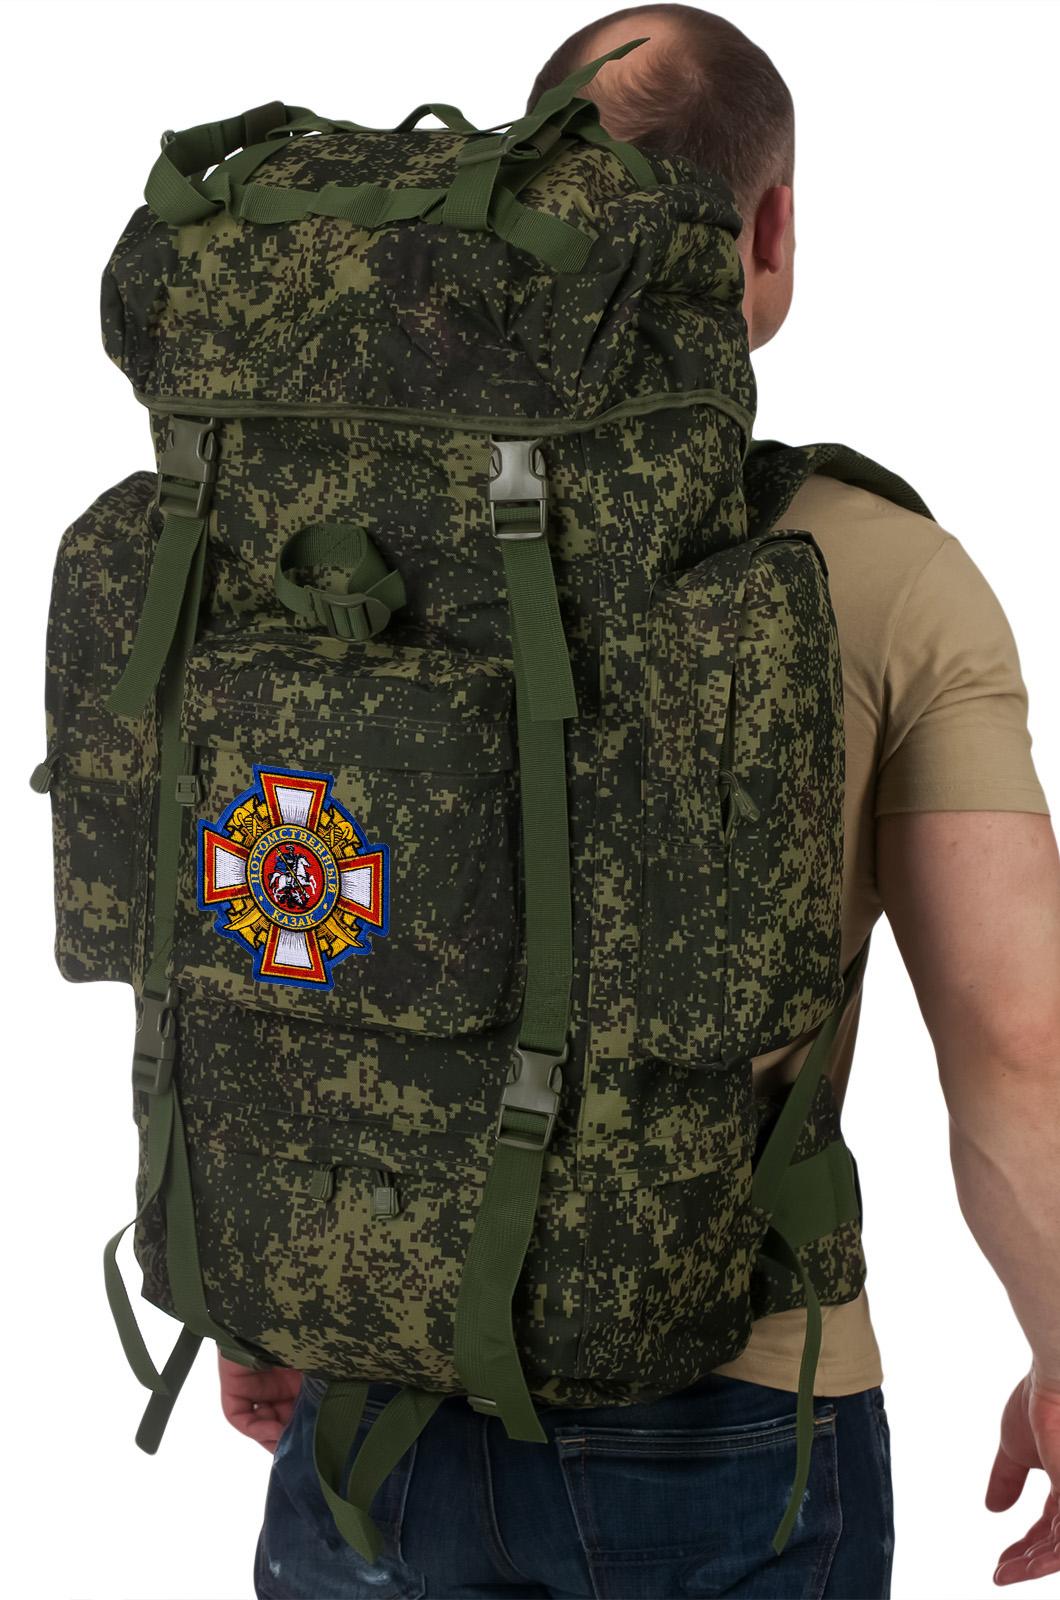 Зачетный многодневный рюкзак с нашивкой Потомственный Казак - заказать с доставкой